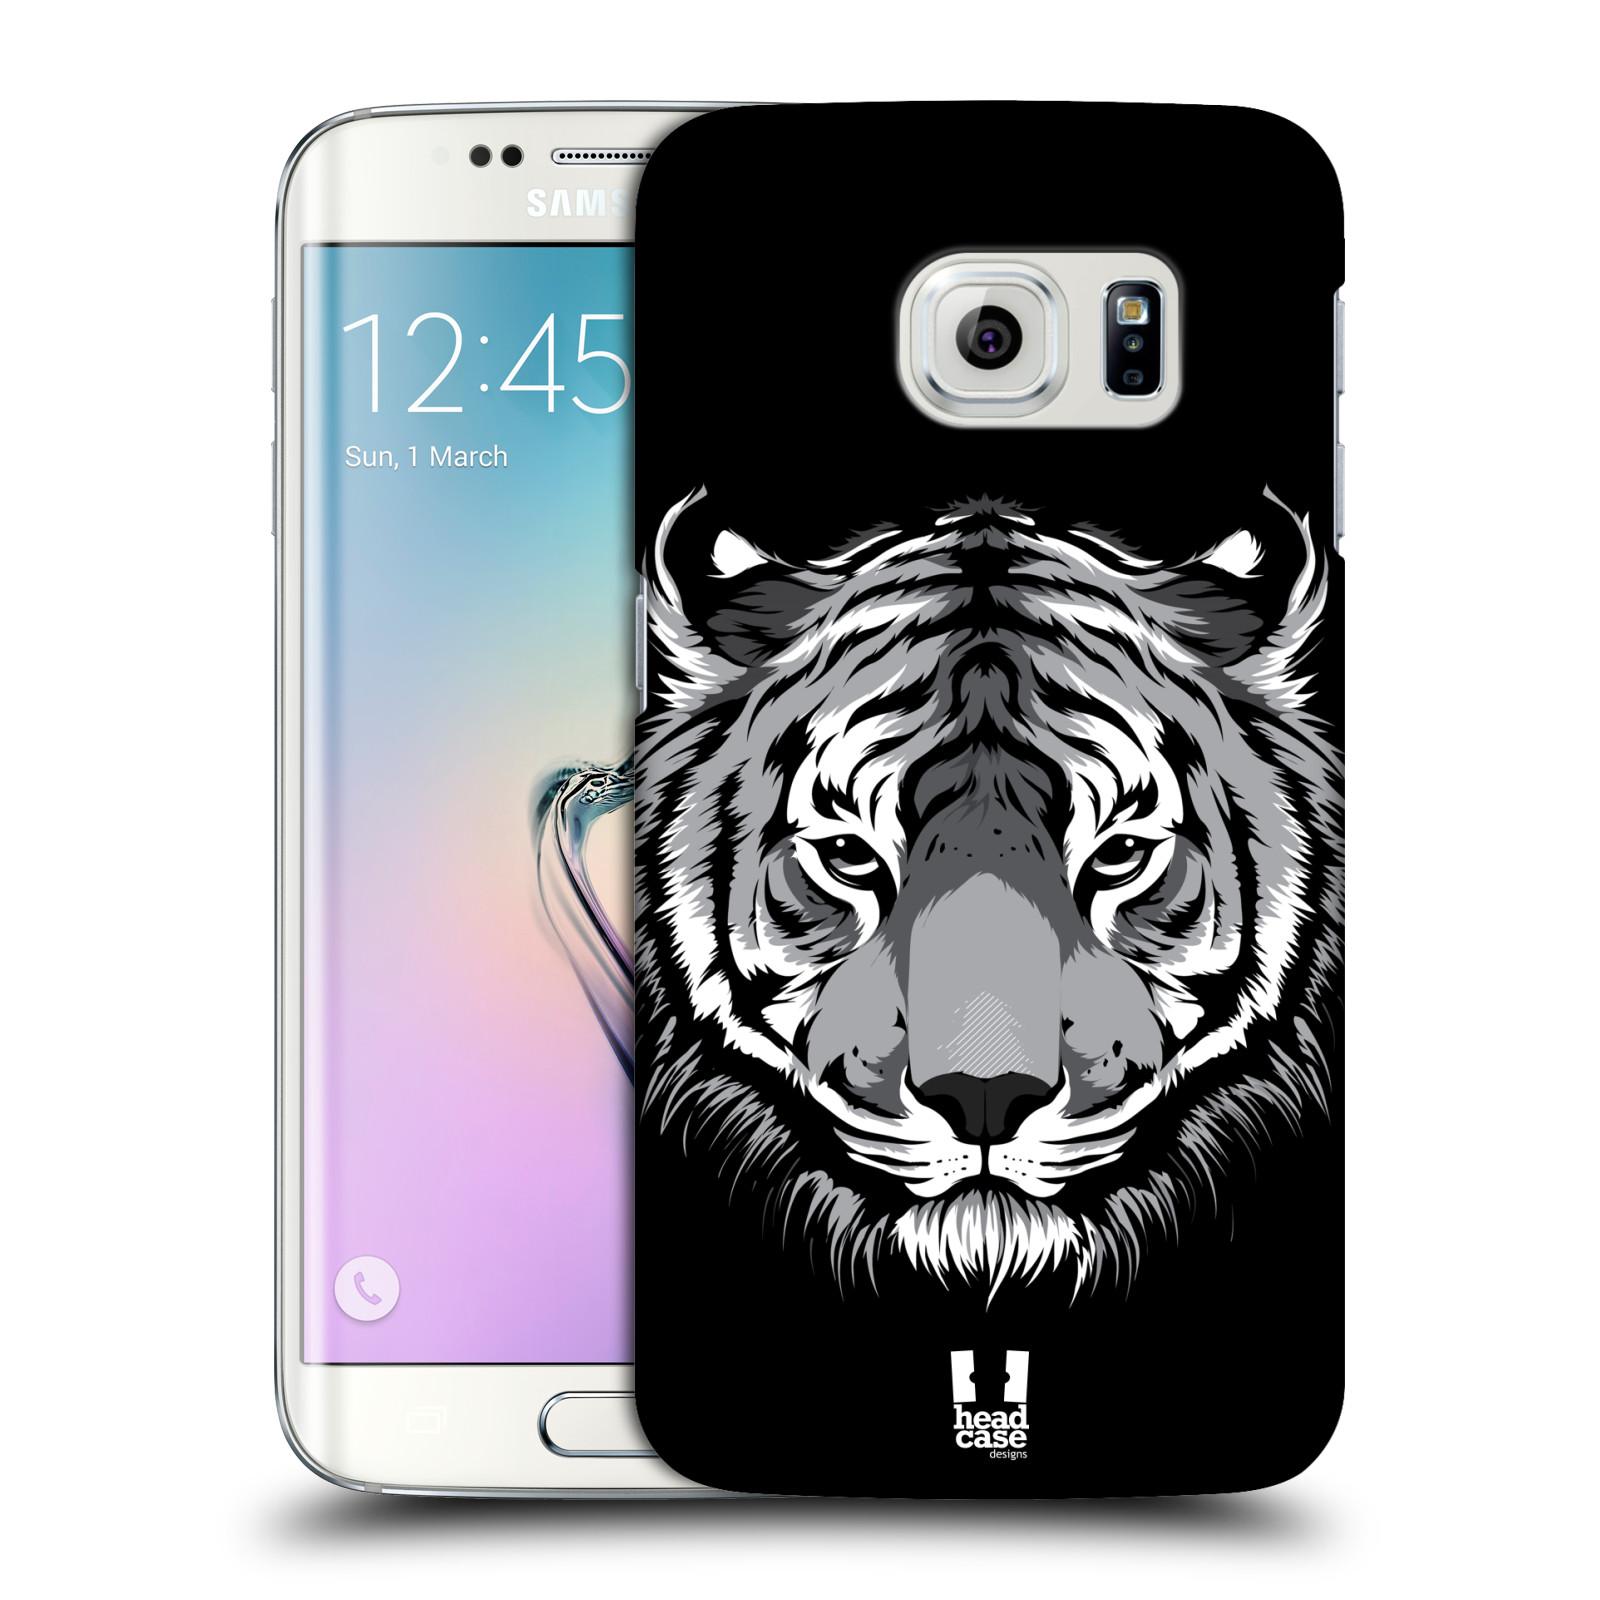 HEAD CASE plastový obal na mobil SAMSUNG Galaxy S6 EDGE (G9250, G925, G925F) vzor Zvíře kreslená tvář 2 tygr